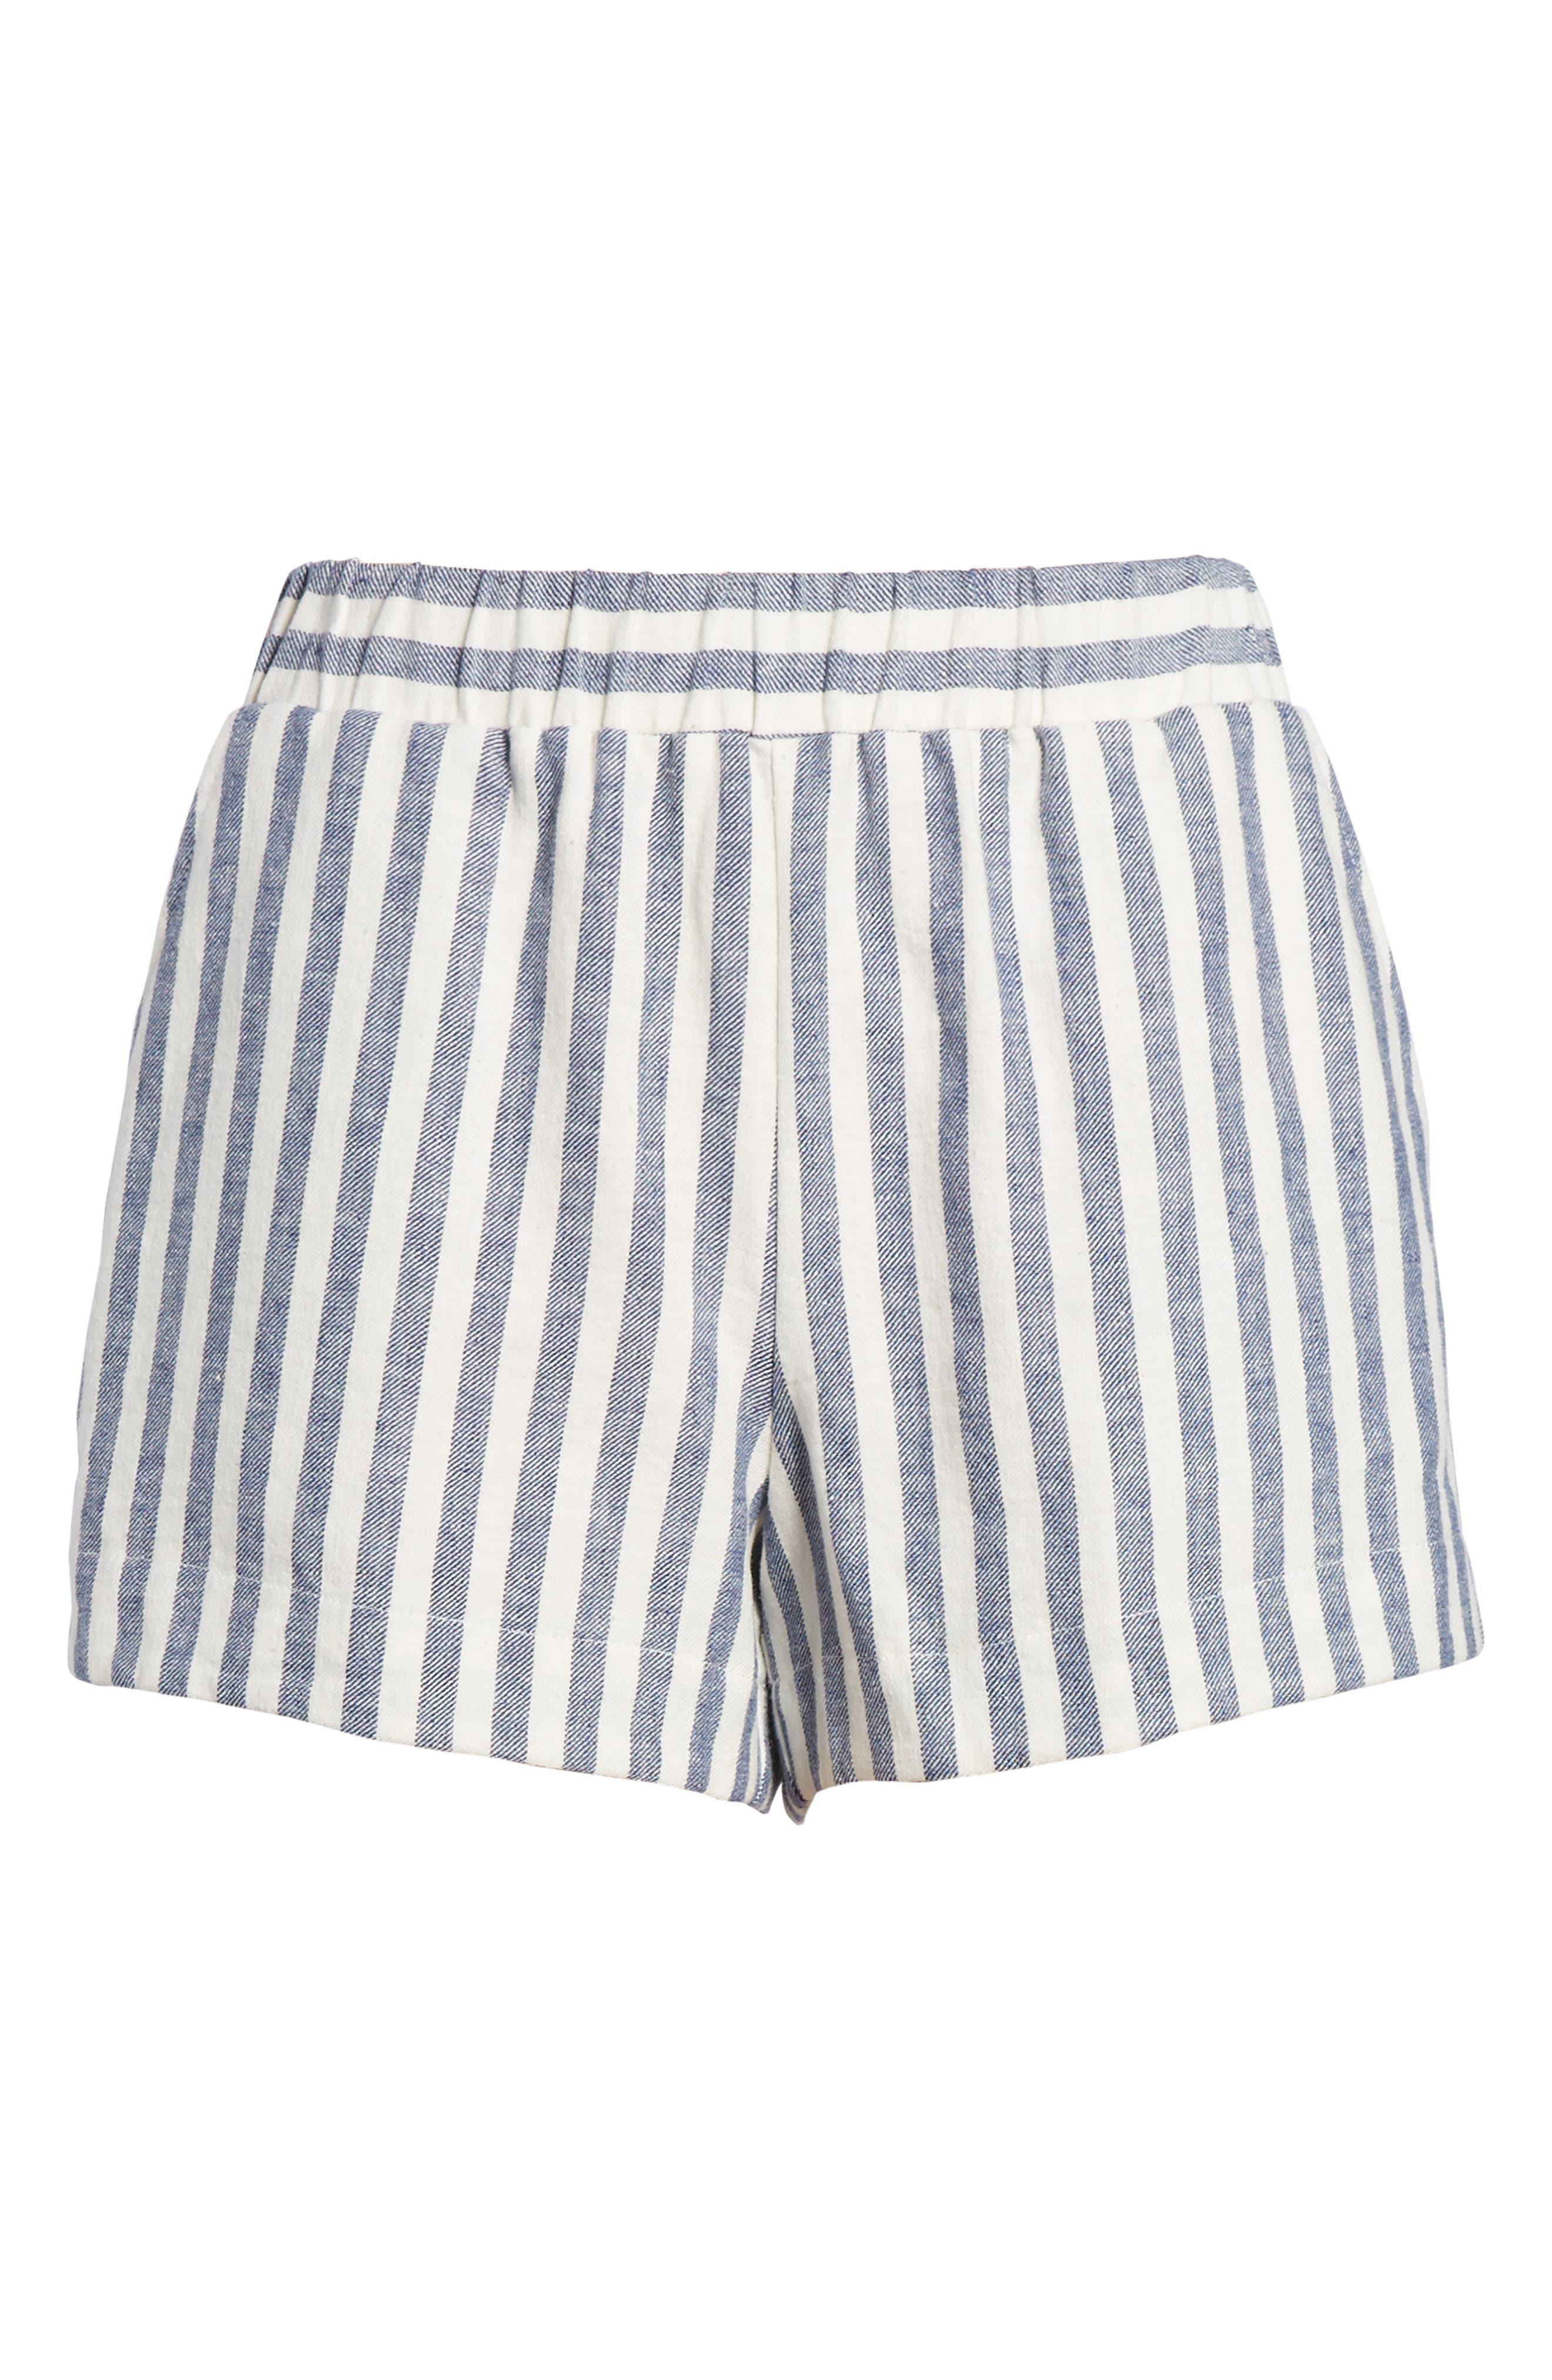 Stripe Linen Blend Shorts,                             Alternate thumbnail 7, color,                             Off White